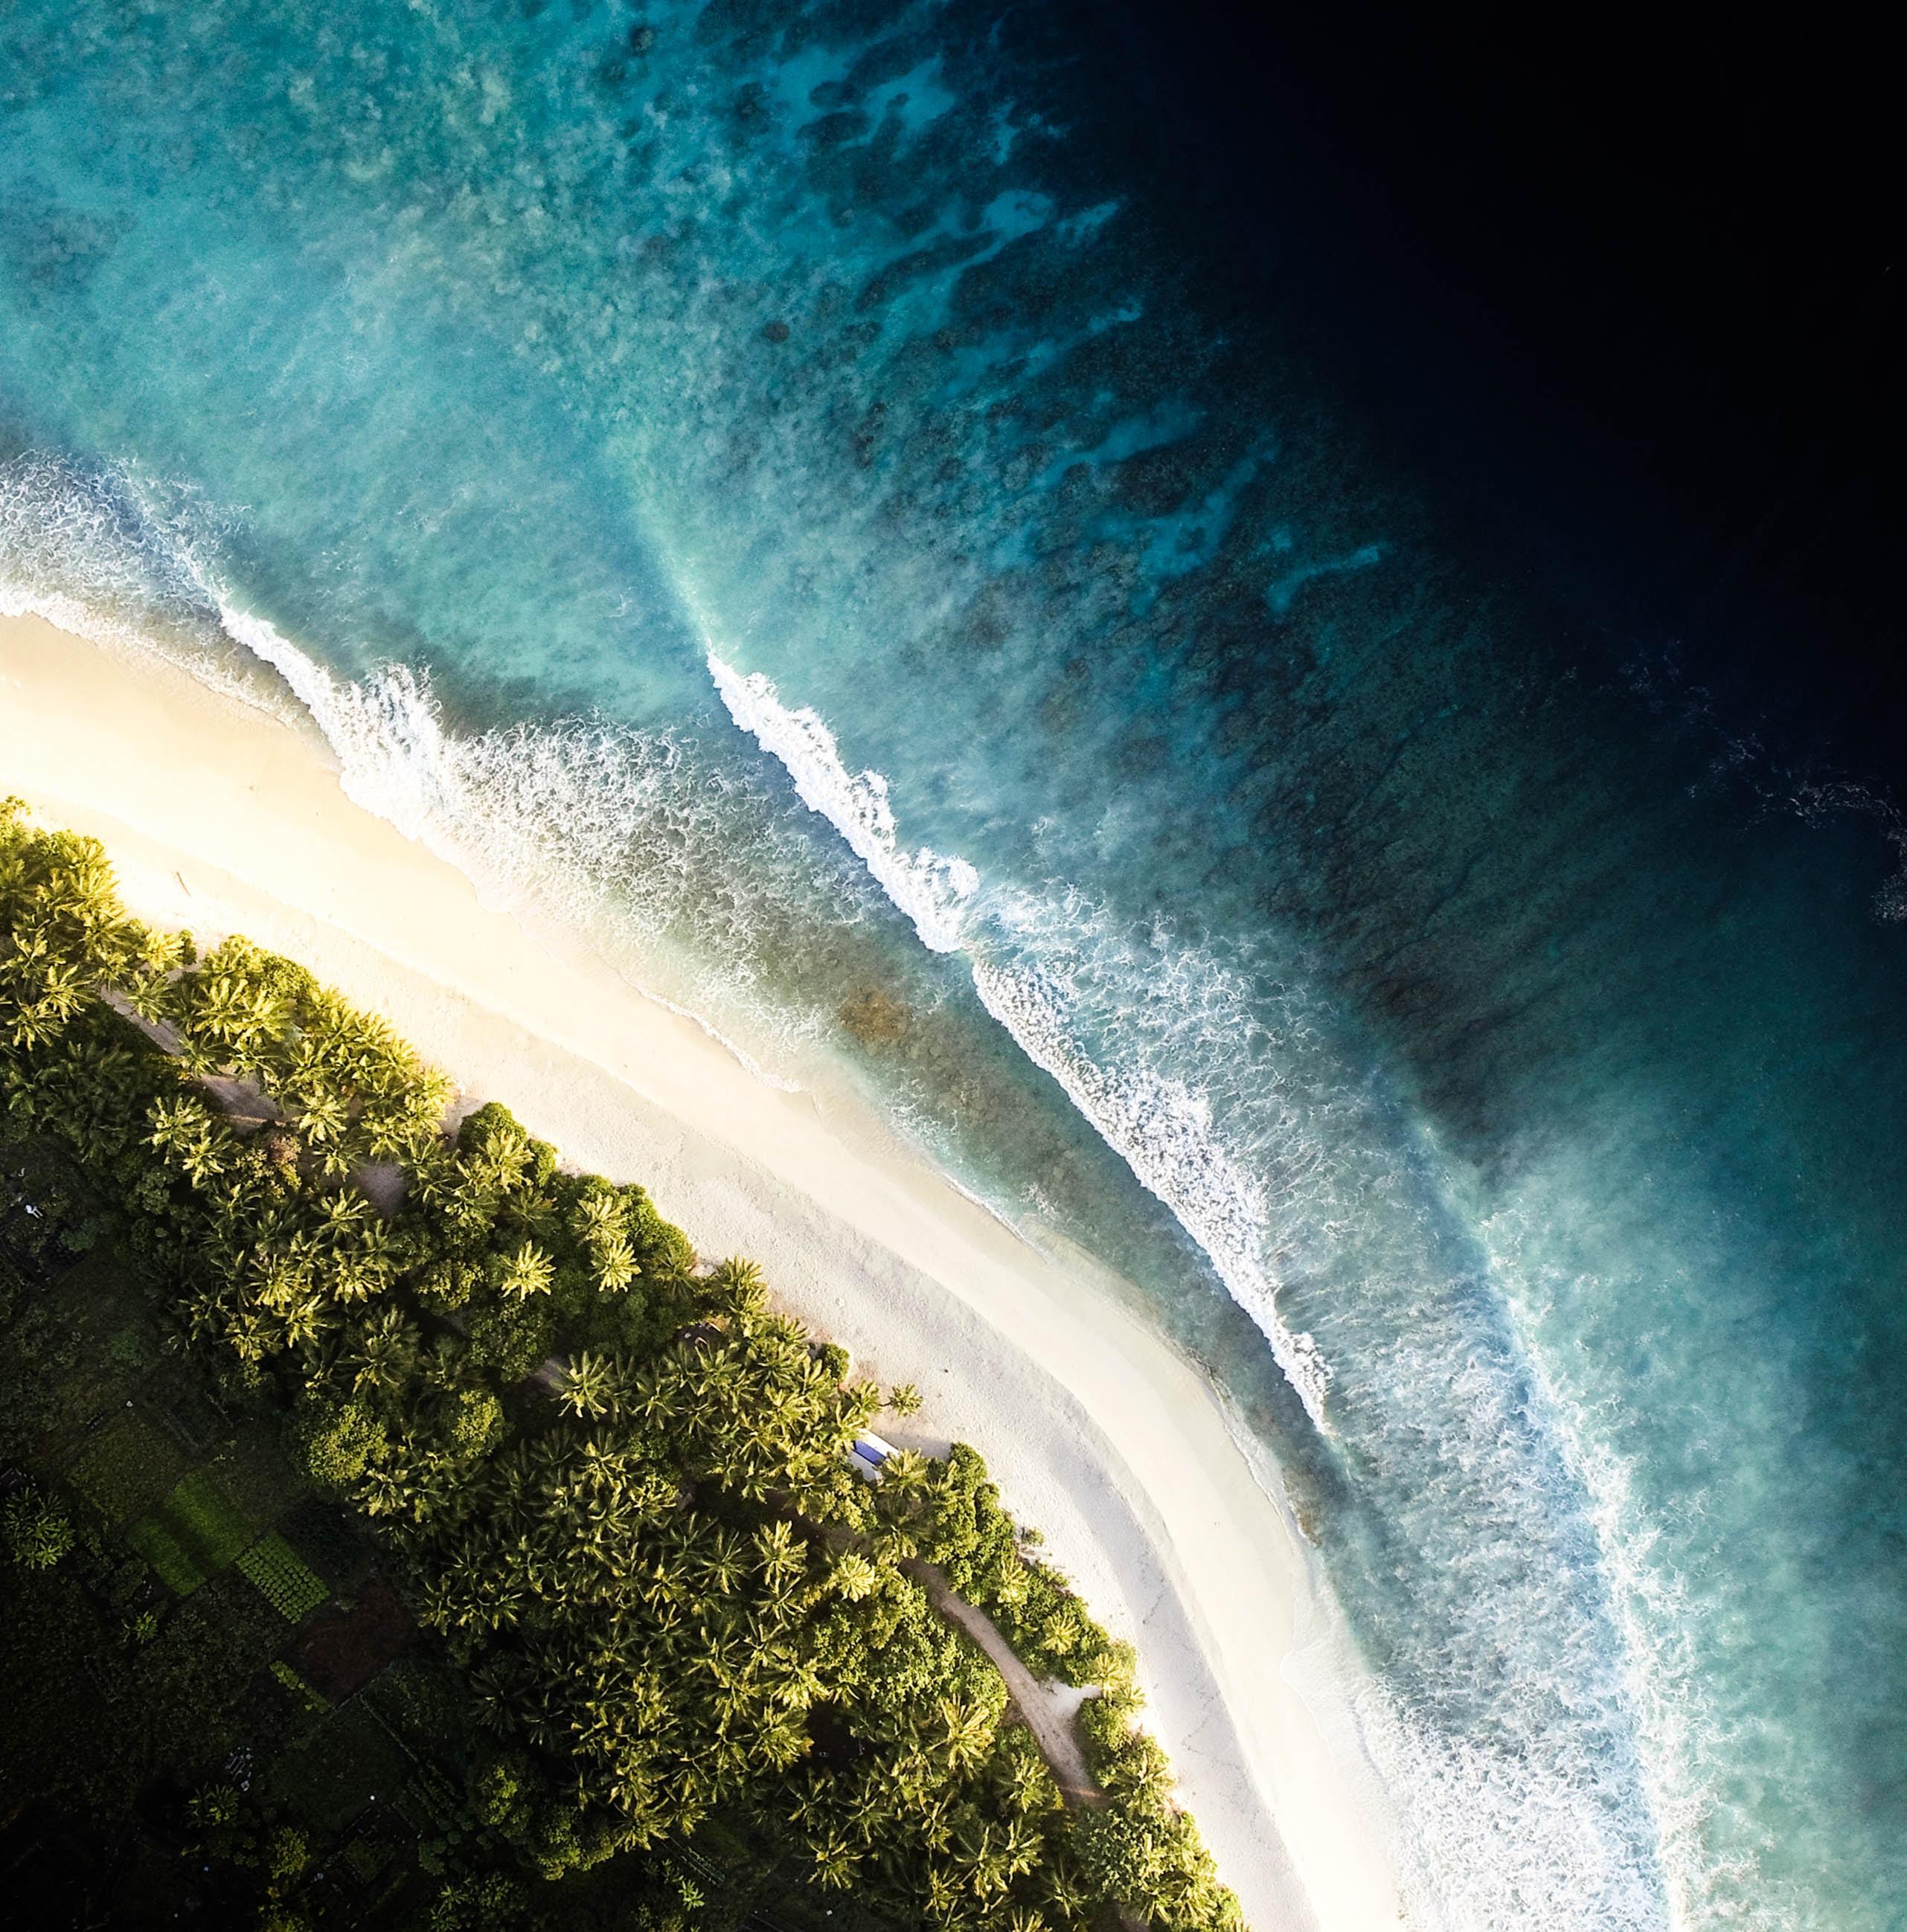 58637 Заставки и Обои Волны на телефон. Скачать Природа, Океан, Вид Сверху, Прибой, Берег, Волны, Пальмы картинки бесплатно